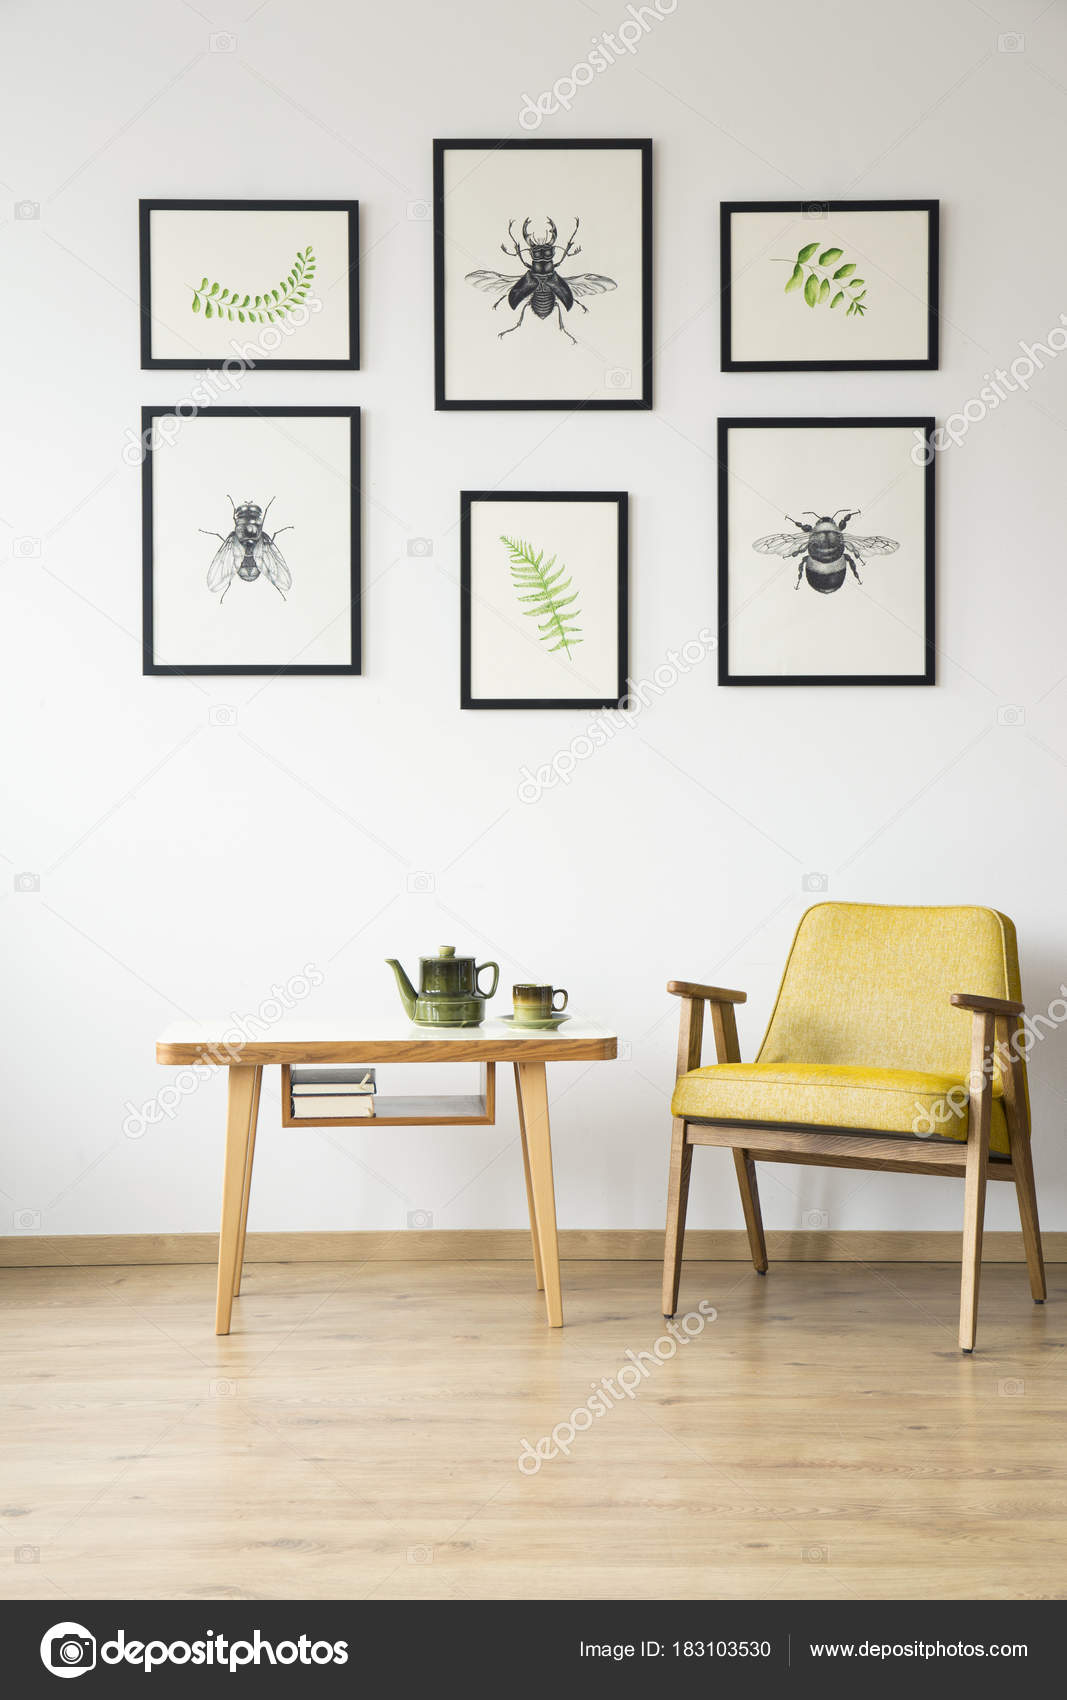 Cadeira Retr Amarela Na Sala Stock Photo Photographee Eu 183103530 -> Parede Galeria Sala